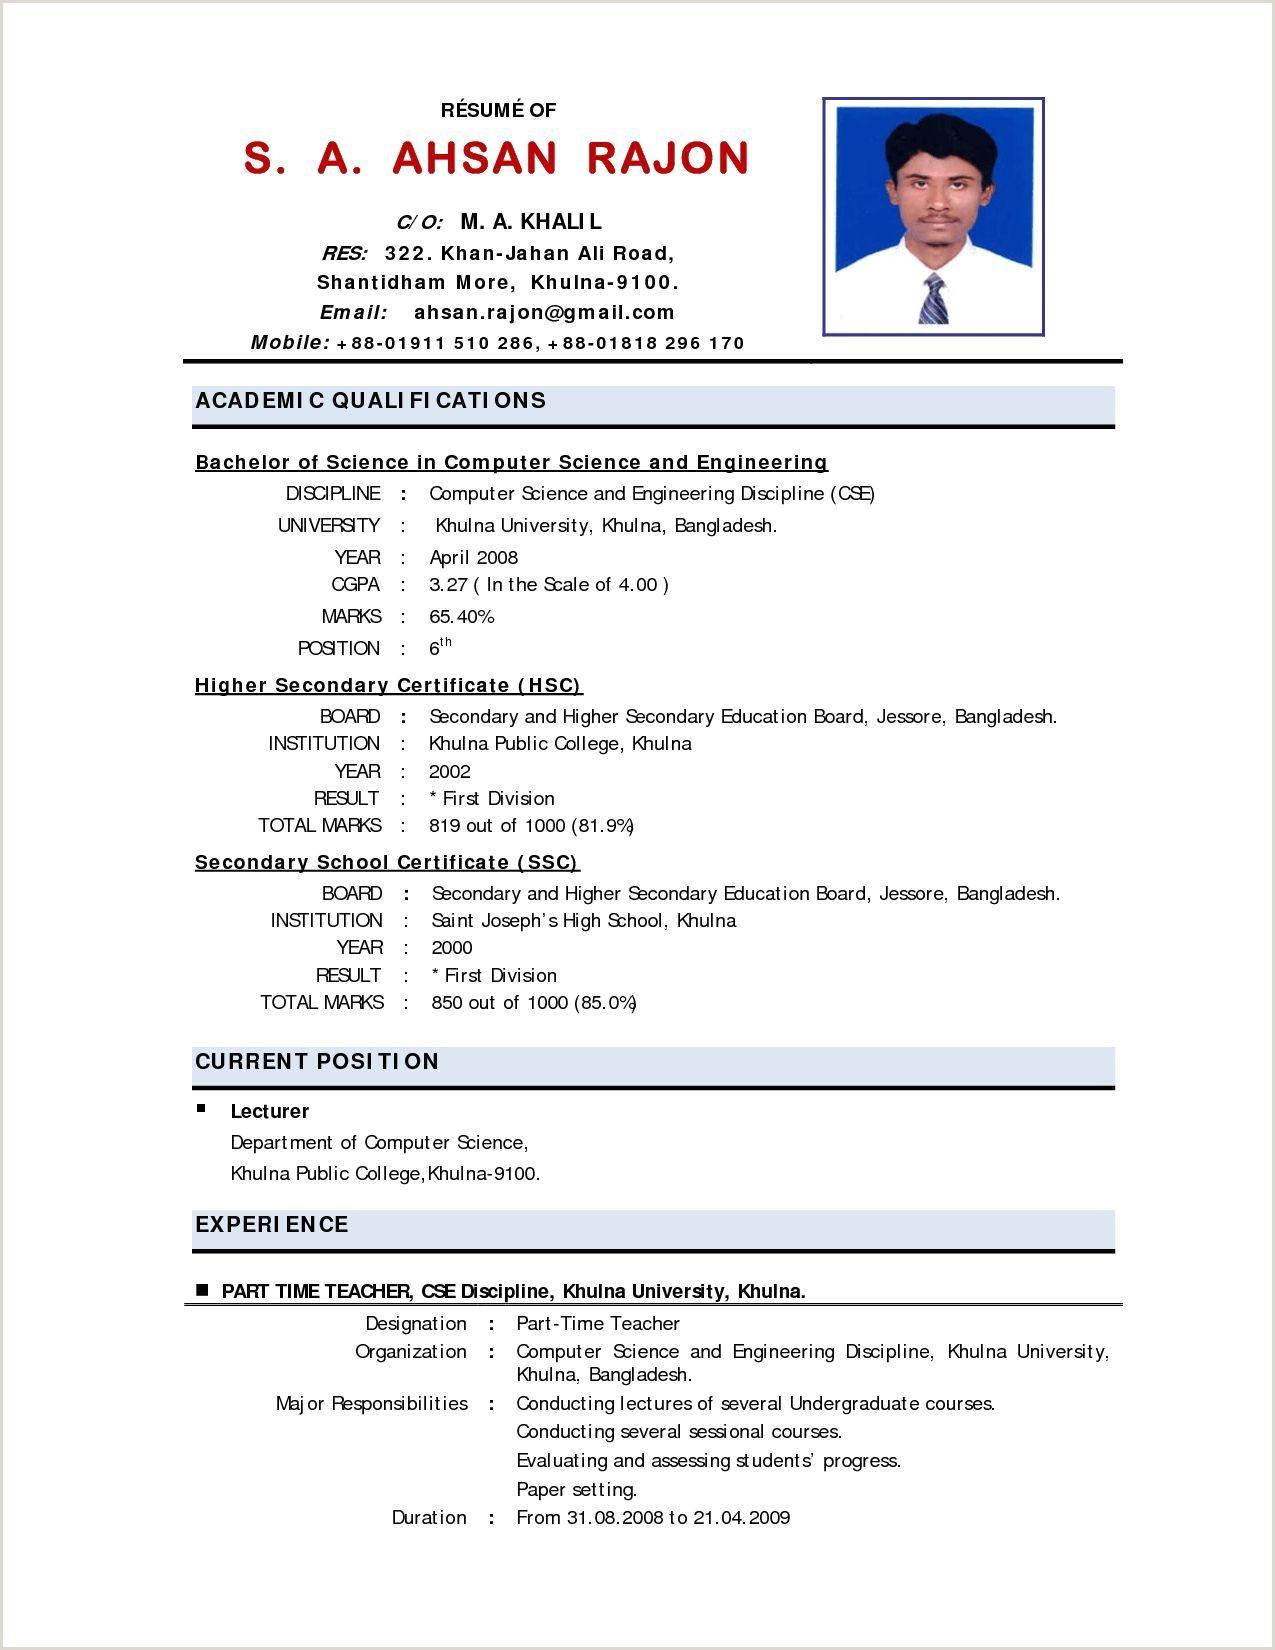 Latest Standard Cv format Cv Template Bangladesh 1 Cv Template